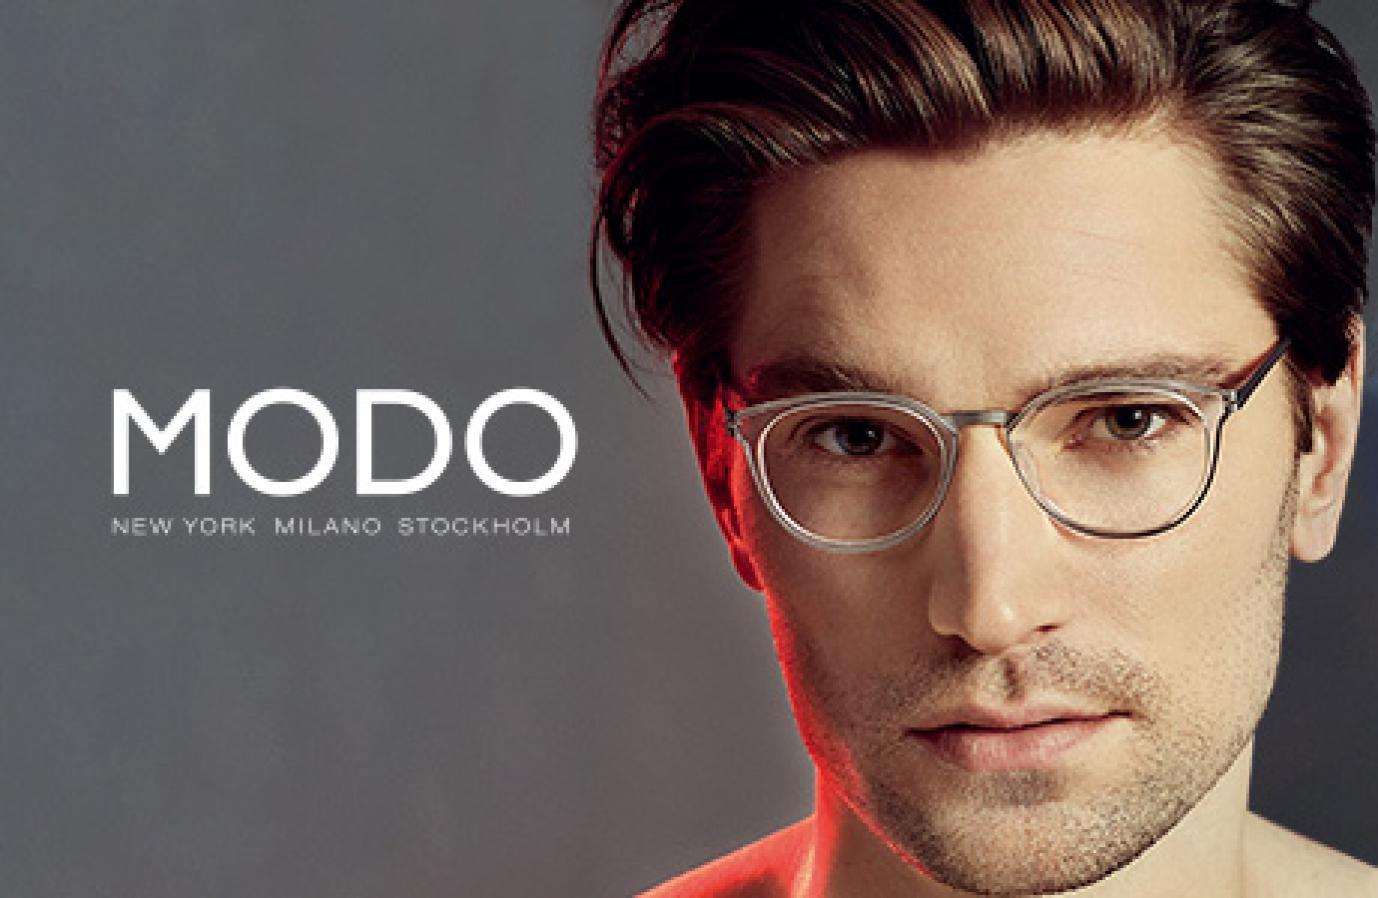 「MODO<モド>」コレクションのお知らせ